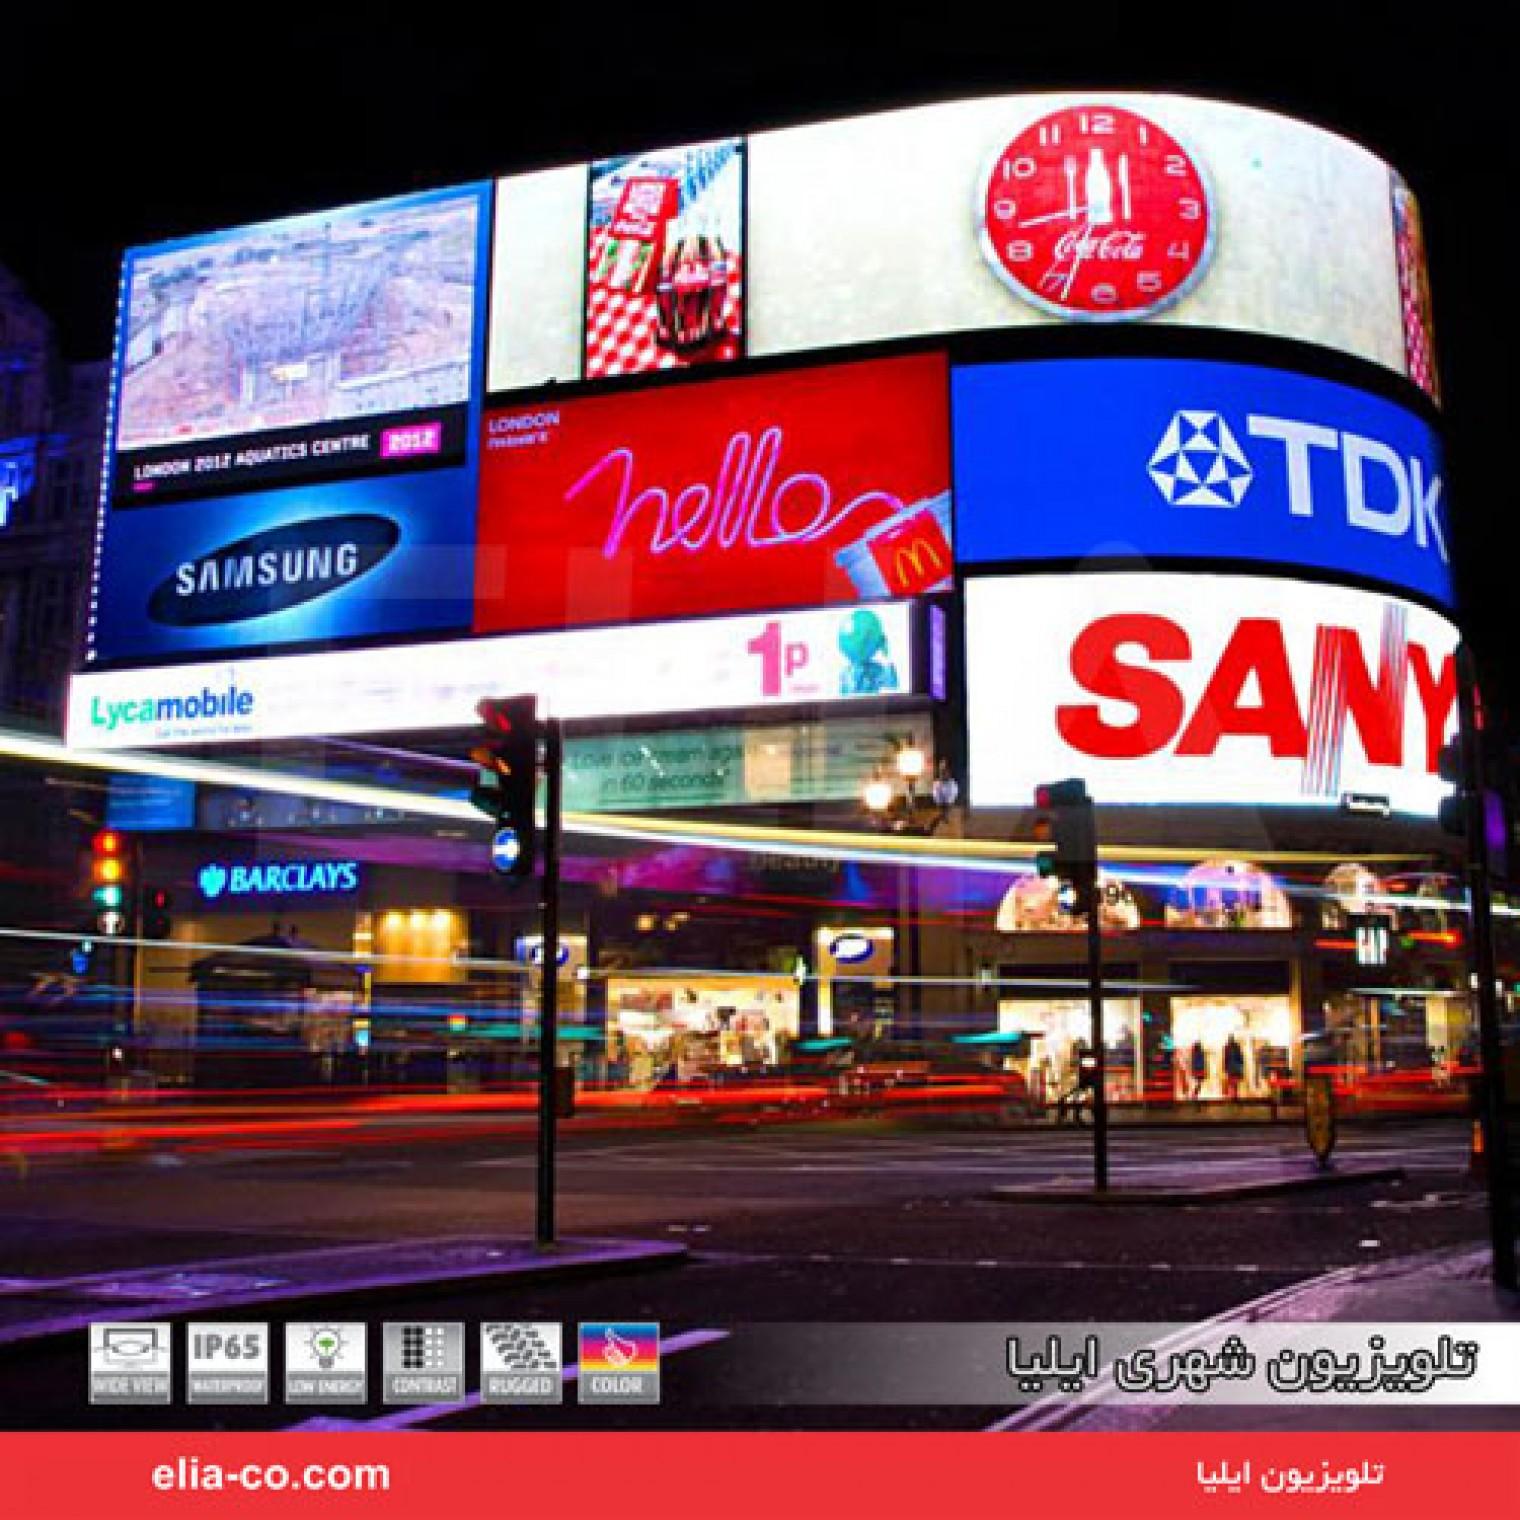 تلویزیون شهری (تبلیغاتی) ایلیا